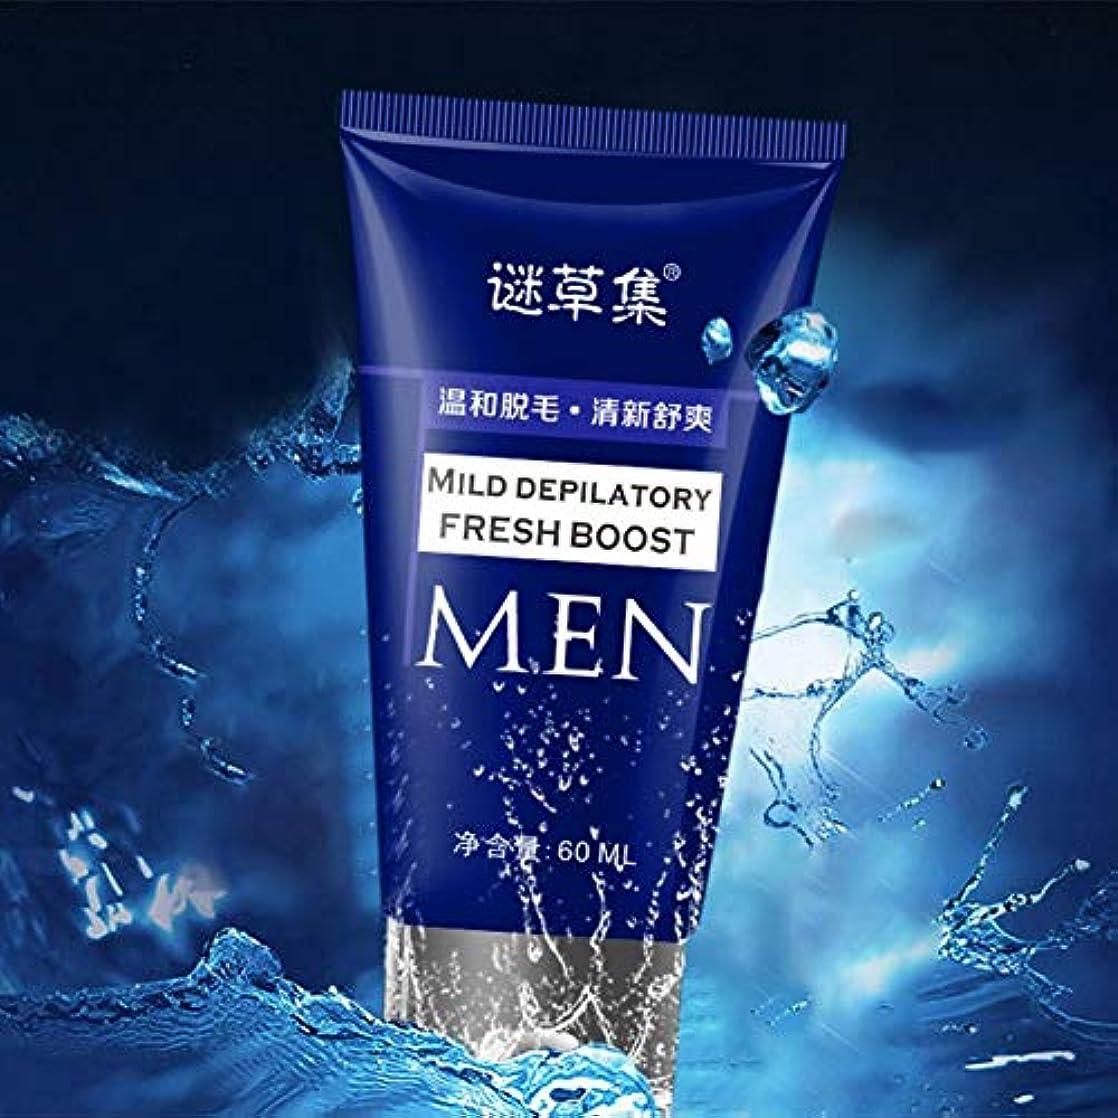 二次異邦人テニス60ml 薬用除毛剤 除毛 脱毛クリーム 無痛無害 メンズ 敏感肌用 すべての肌タイプ 使用可能